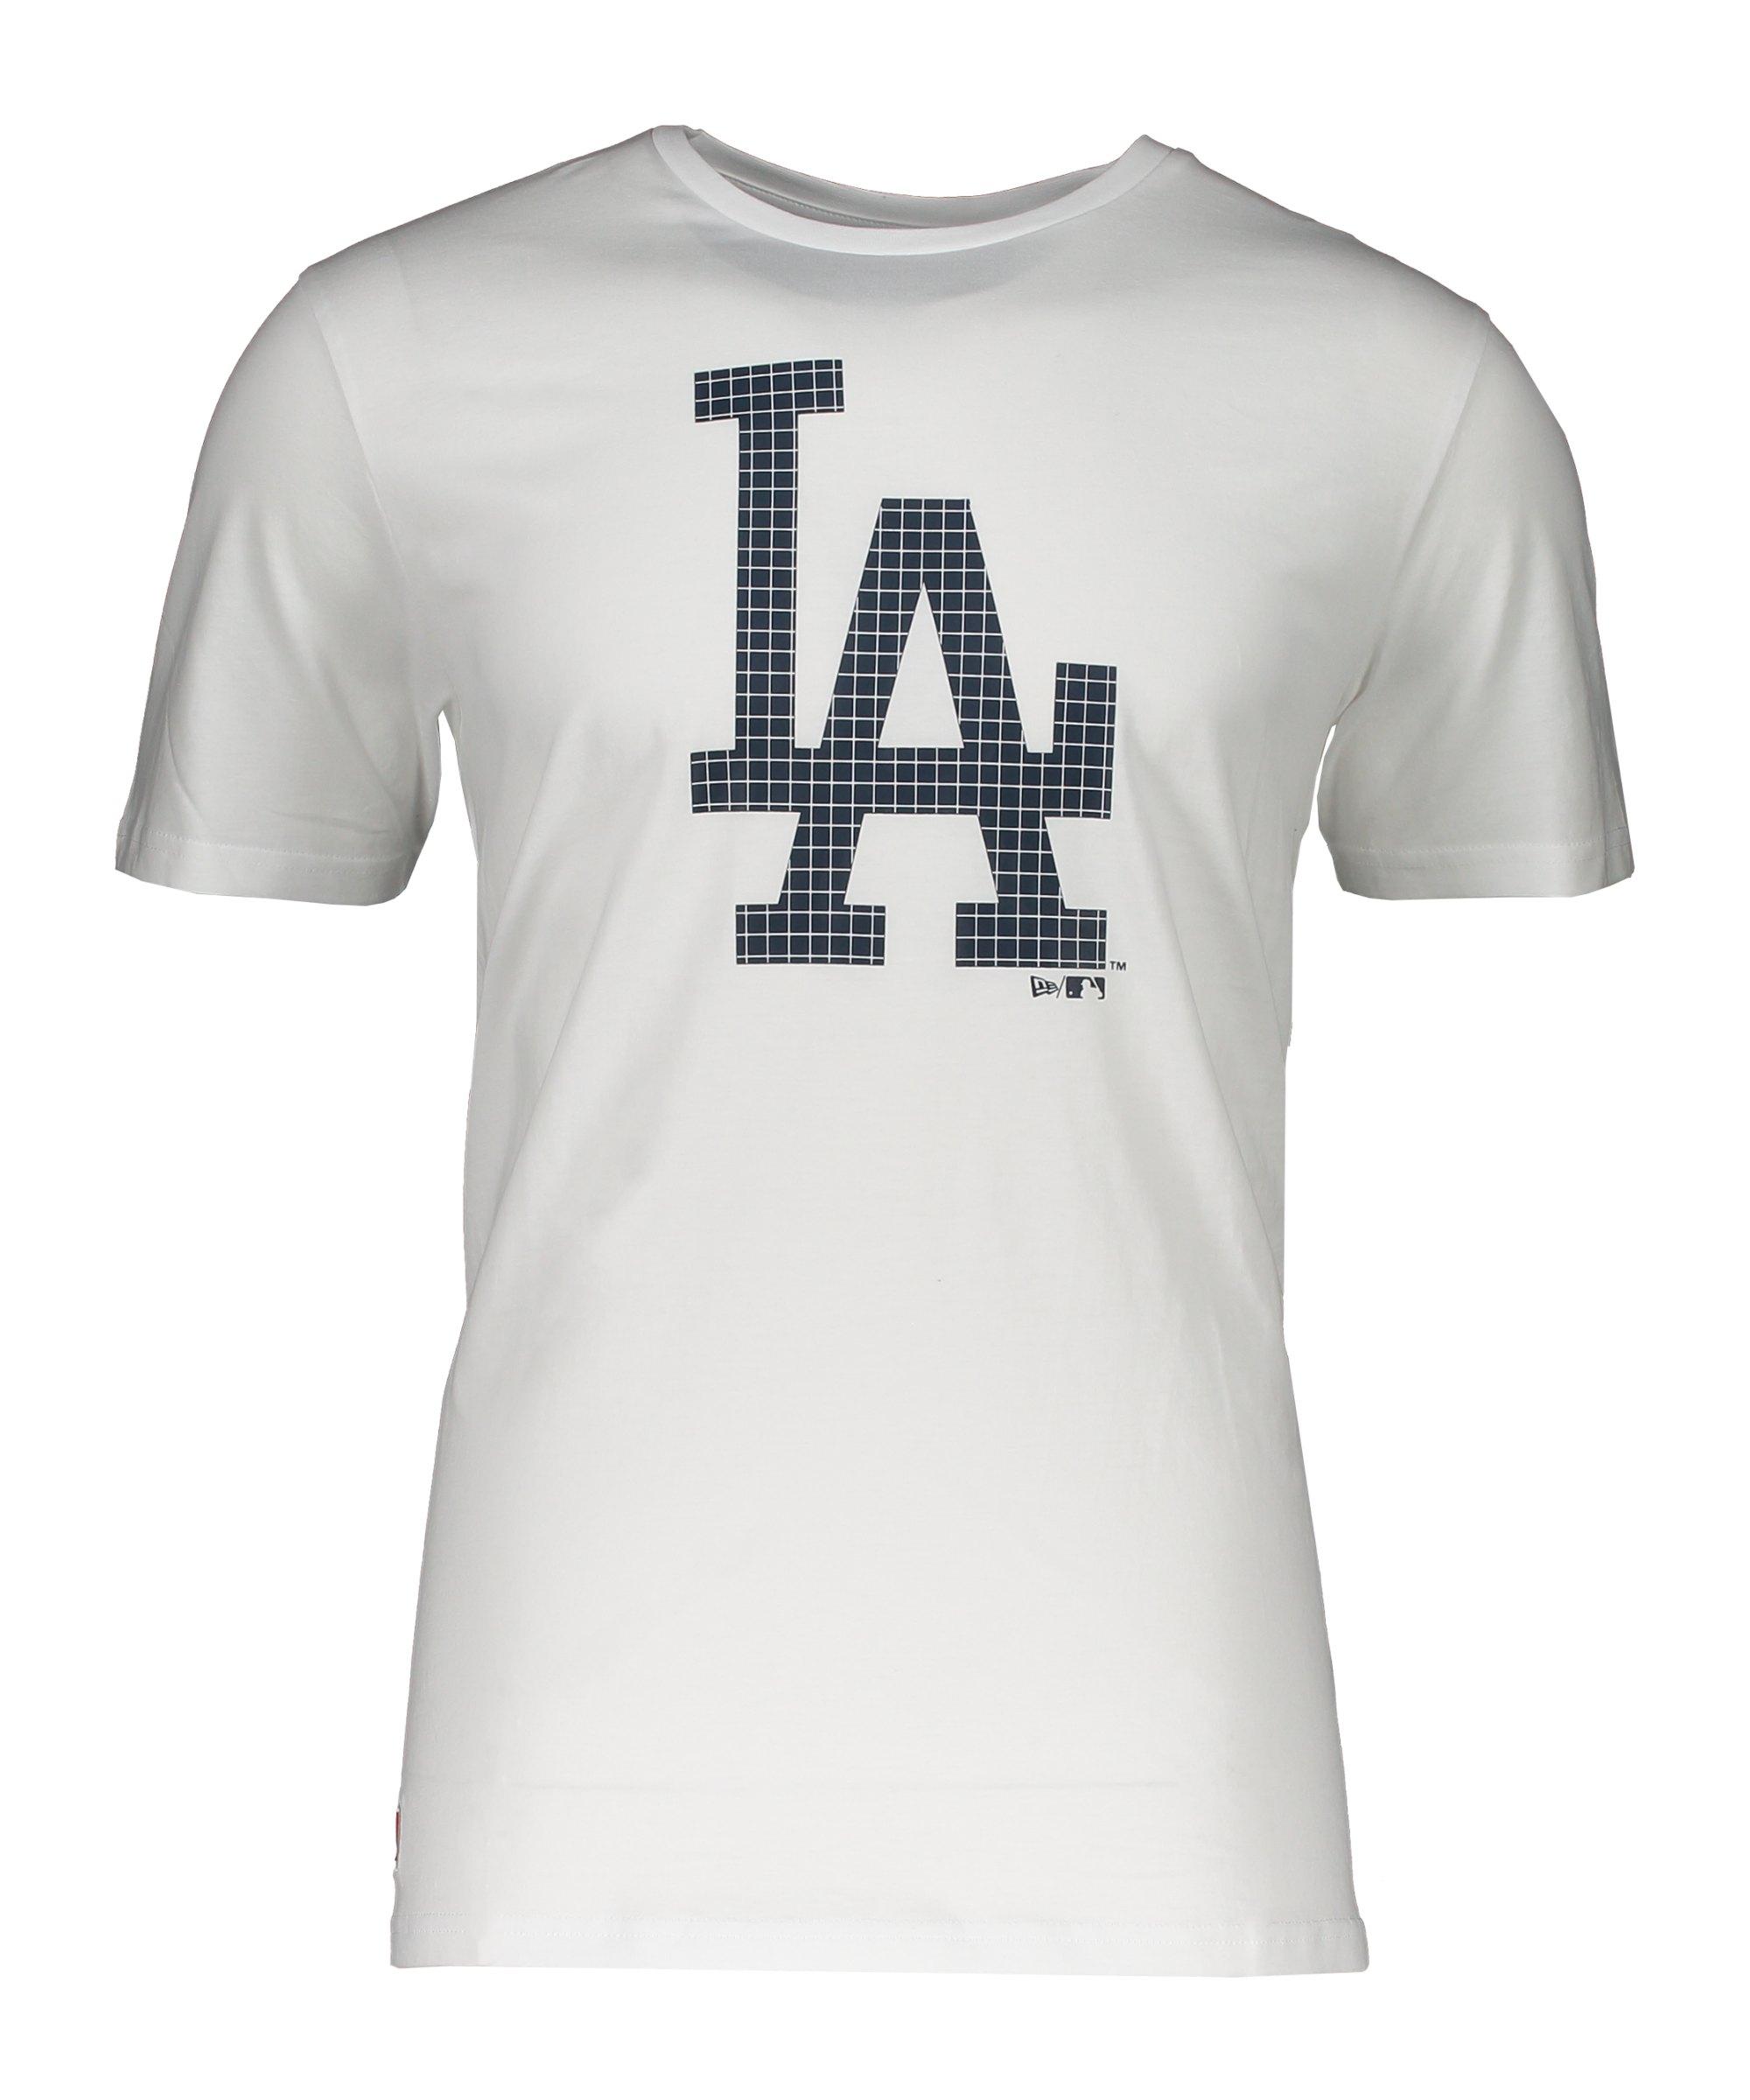 New Era LA Dodgers MLB Infill Team T-Shirt FWHIBLK - weiss